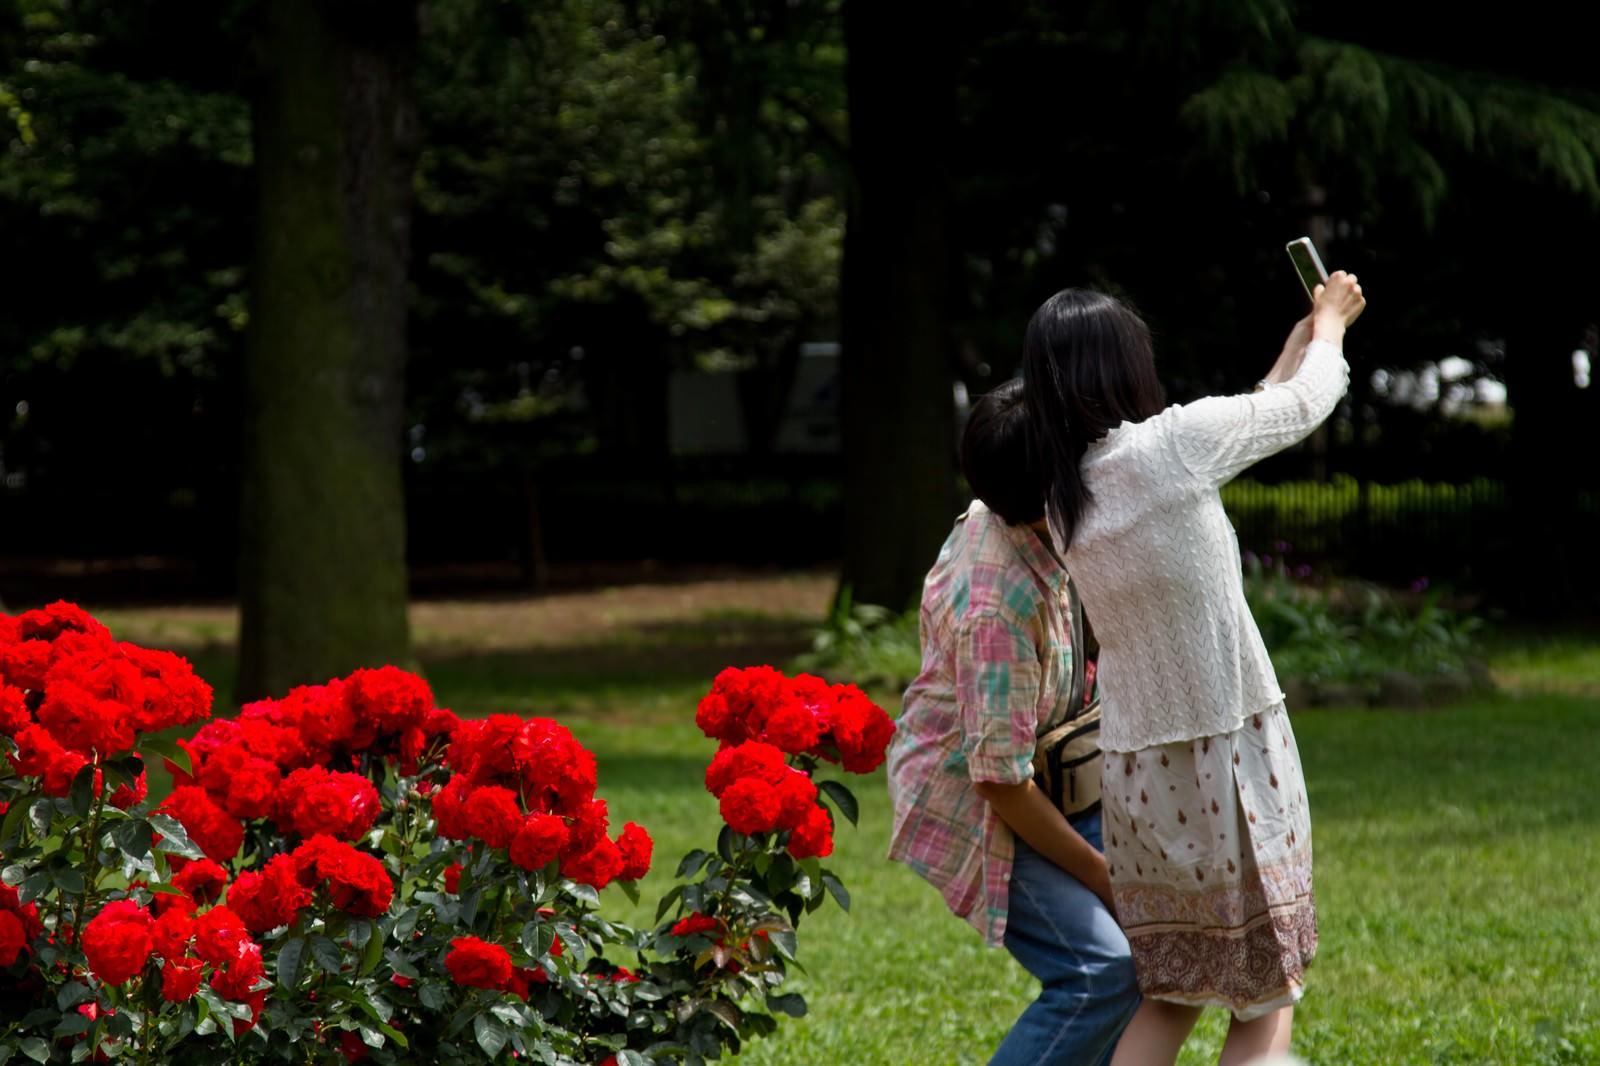 「赤い薔薇の前で寄り添い撮影する恋人」の写真